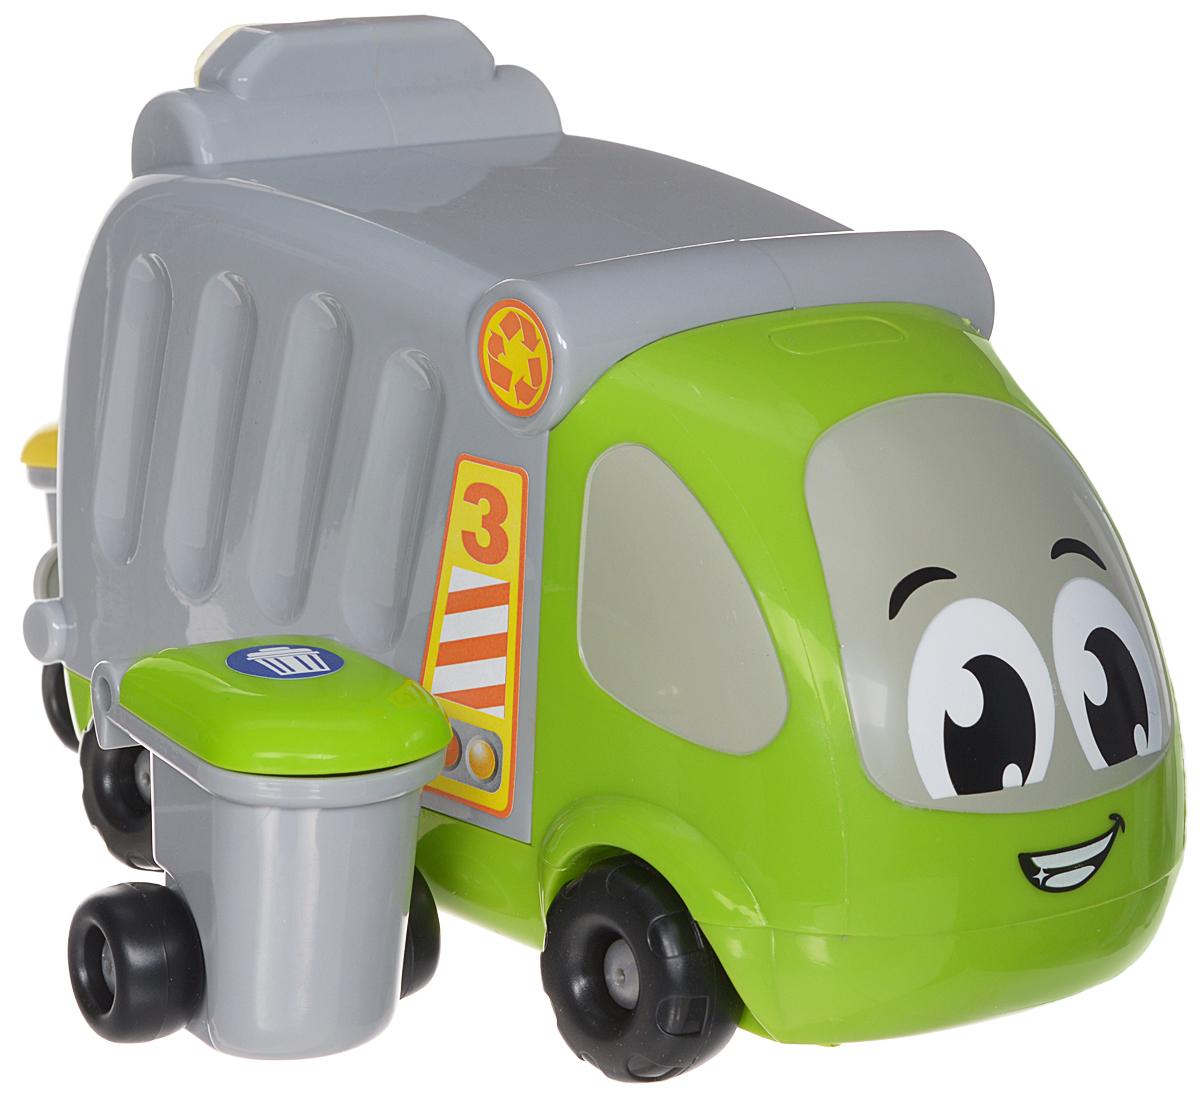 Smoby Мусоровоз Vroom Planet211289Оригинальный мусоровоз Vroom Planet обязательно заинтересуют вашего малыша! В наборе вместе с машинкой идут два мусорных бака с колесами и открывающимися крышками. Бак устанавливается сзади машины, затем захватывается специальными приспособлениями, и мусор опрокидывается в контейнер. В качестве мусора можно использовать любые другие предметы. Внимание ребенка привлекут яркие цвета и оригинальный дизайн игрушек. Игрушки имеют округлую форму и изготовлены из прочного безопасного материала, поэтому с ними могут играть даже самые маленькие любители техники. Машинка легко едет вперед и назад, имеют обтекаемую безопасную форму без острых углов и мелких деталей. Игры с разноцветными машинками полезны для фантазии, они стимулируют ребенка к действиям и придумыванию, развивают мелкую моторику и тренируют пальчики, улучшают координацию движений.